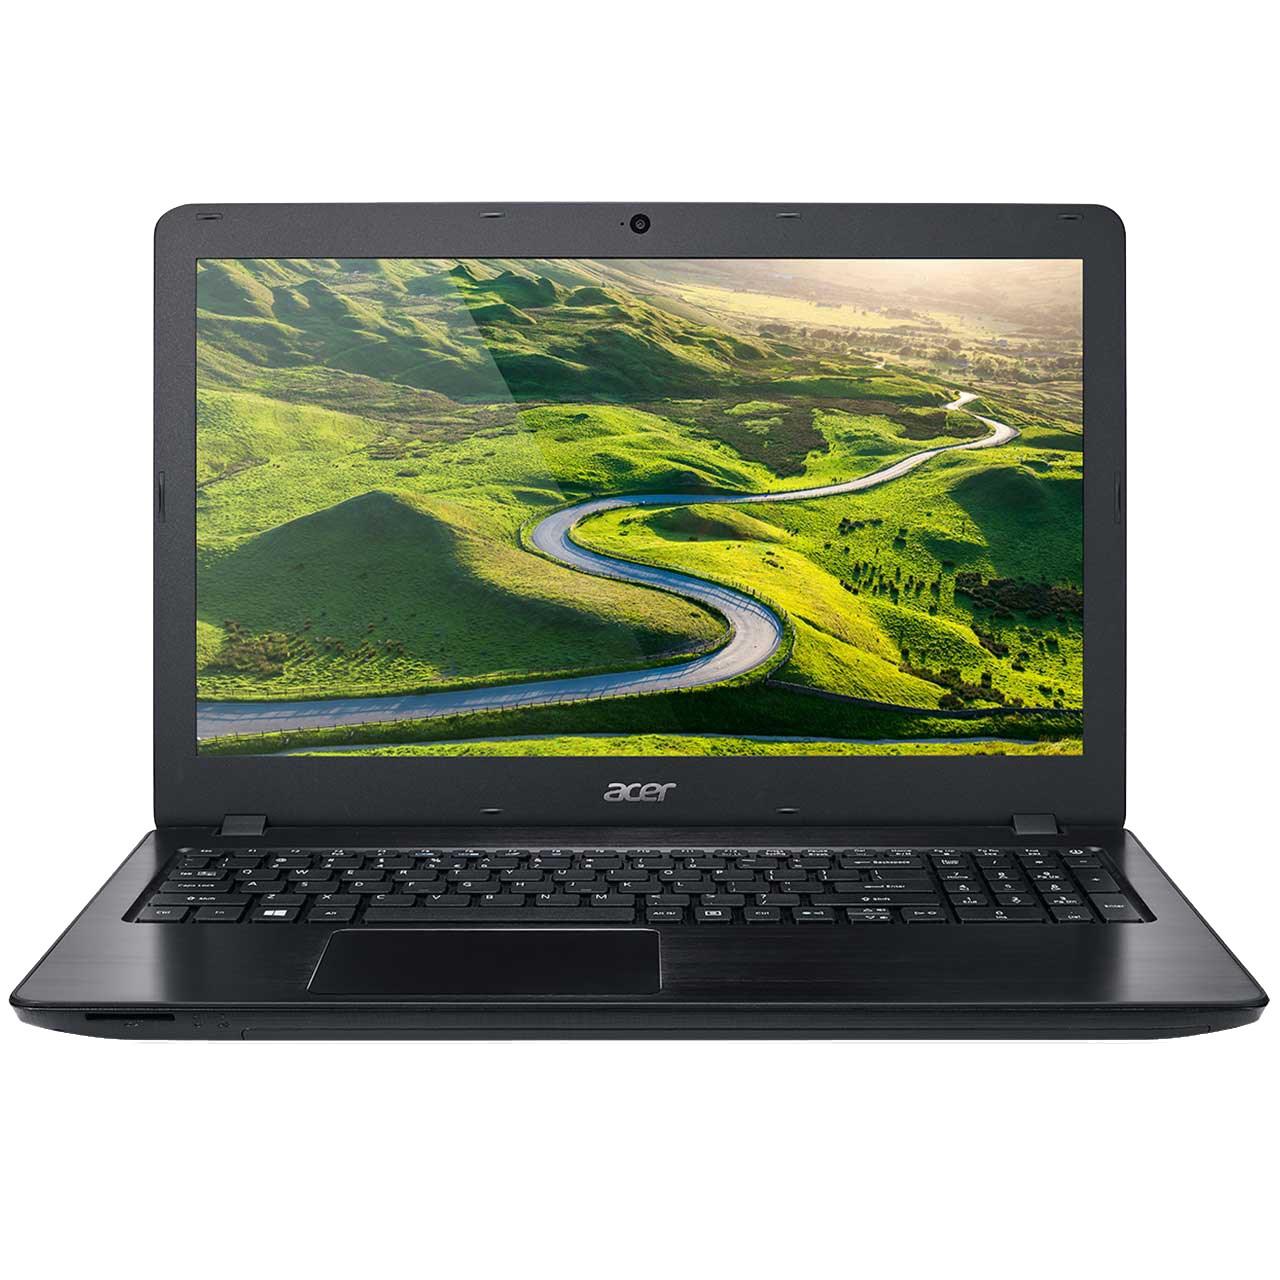 لپ تاپ 15 اینچی ایسر مدل Aspire F5-573G-771L